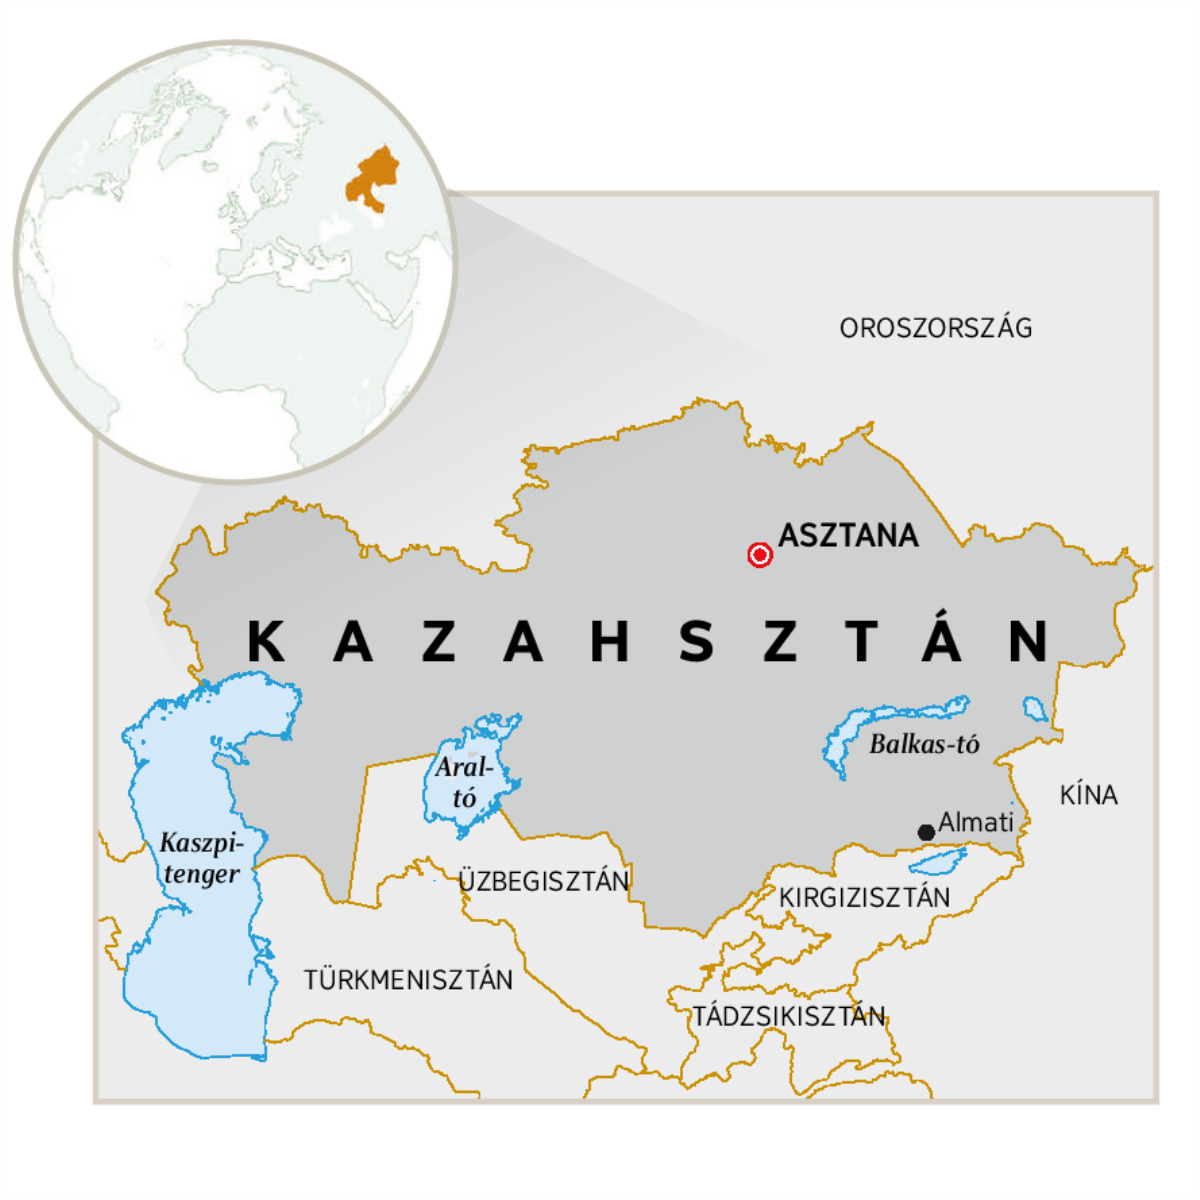 Latogatas Kazahsztanba